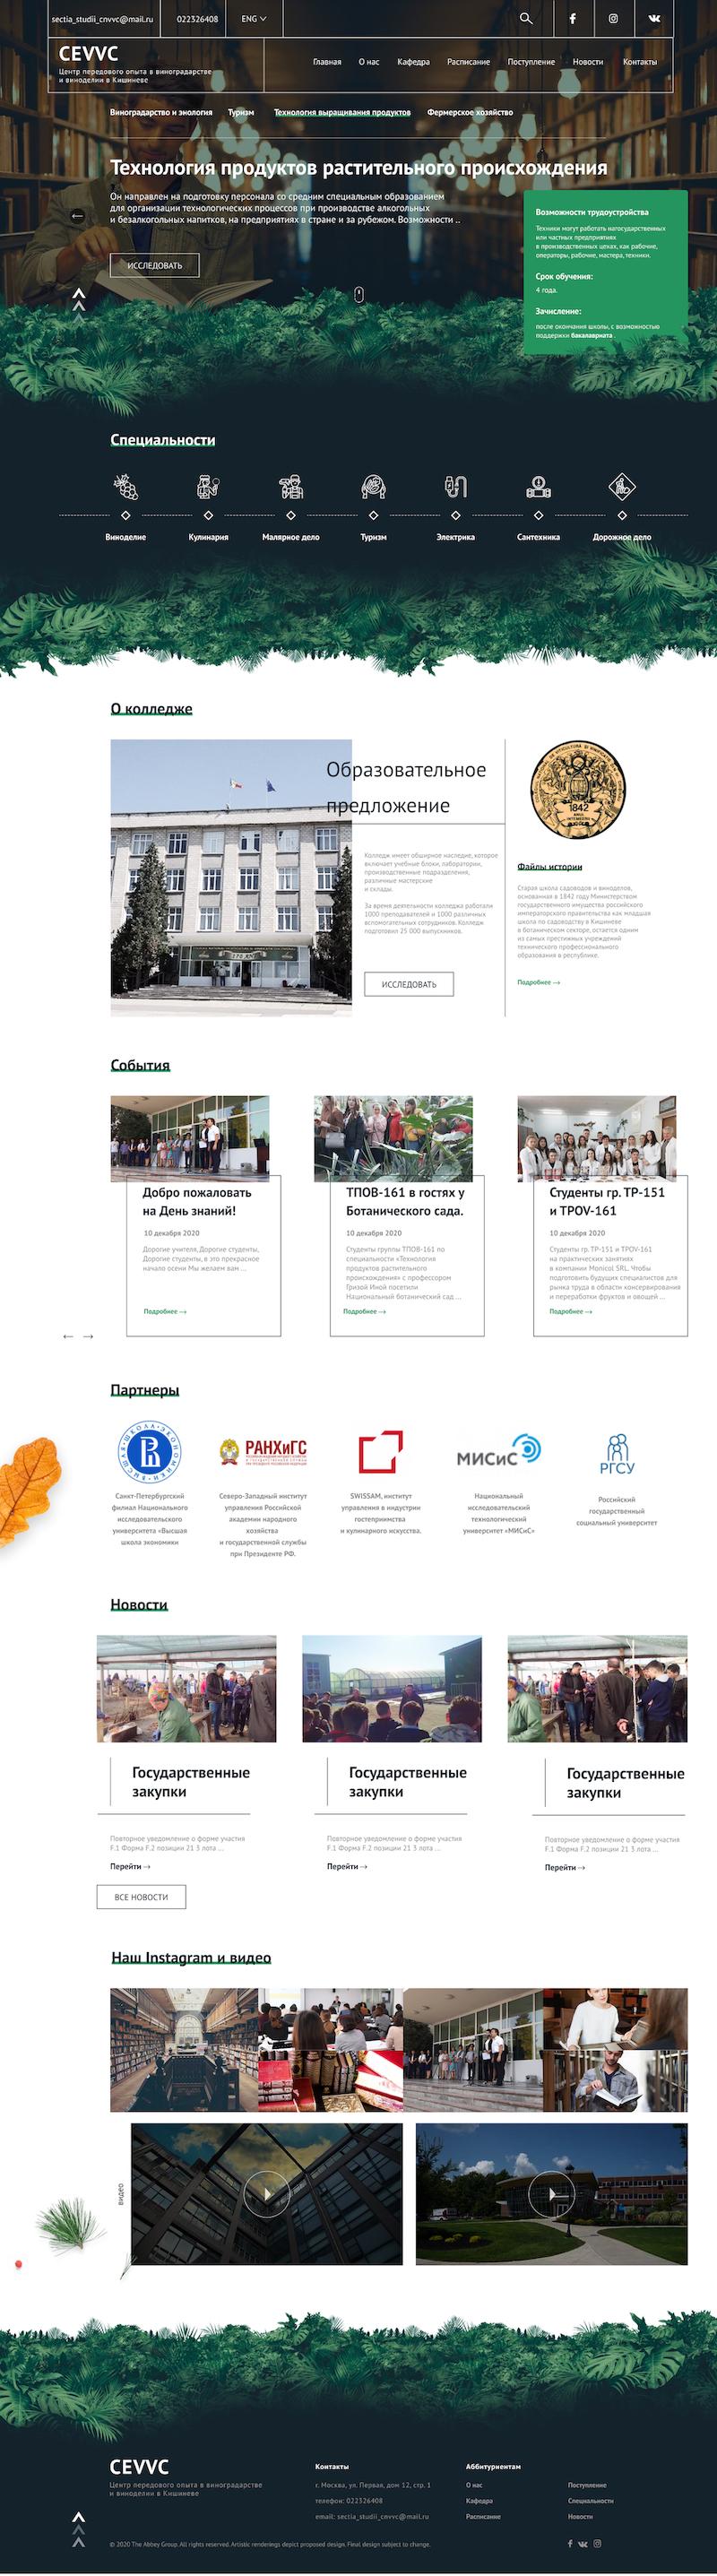 Разработка дизайна сайта колледжа фото f_1845e5e605e7227b.jpg